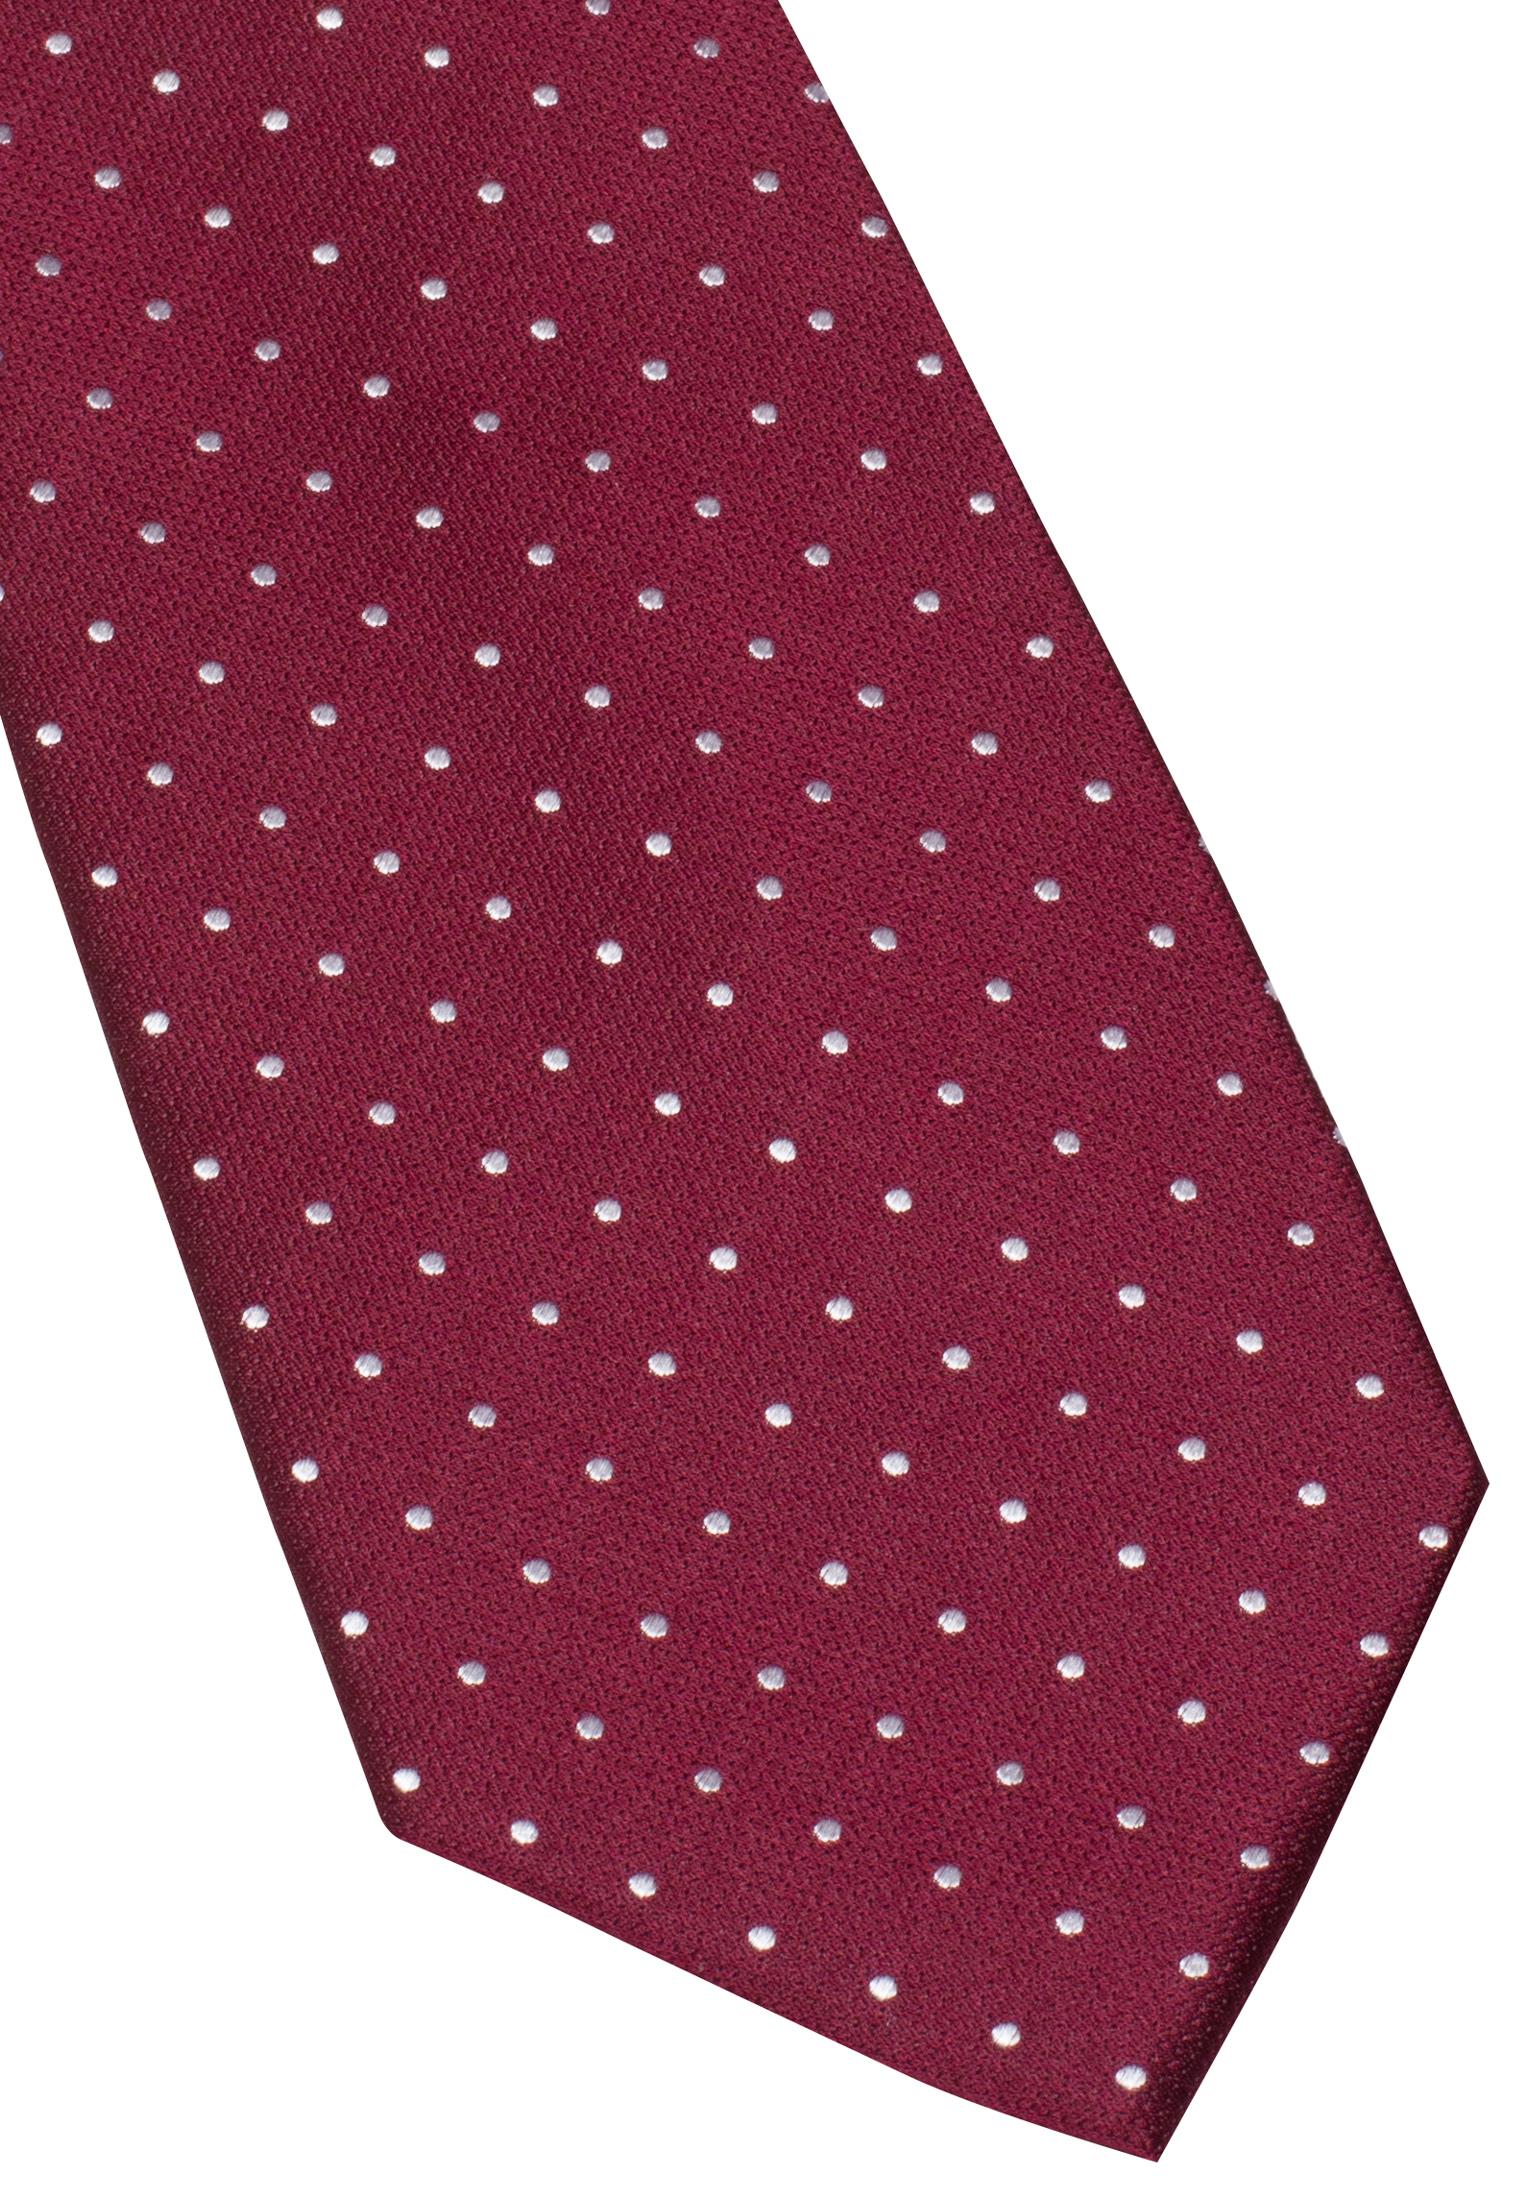 ETERNA 9026 Krawatte Seide bordeaux